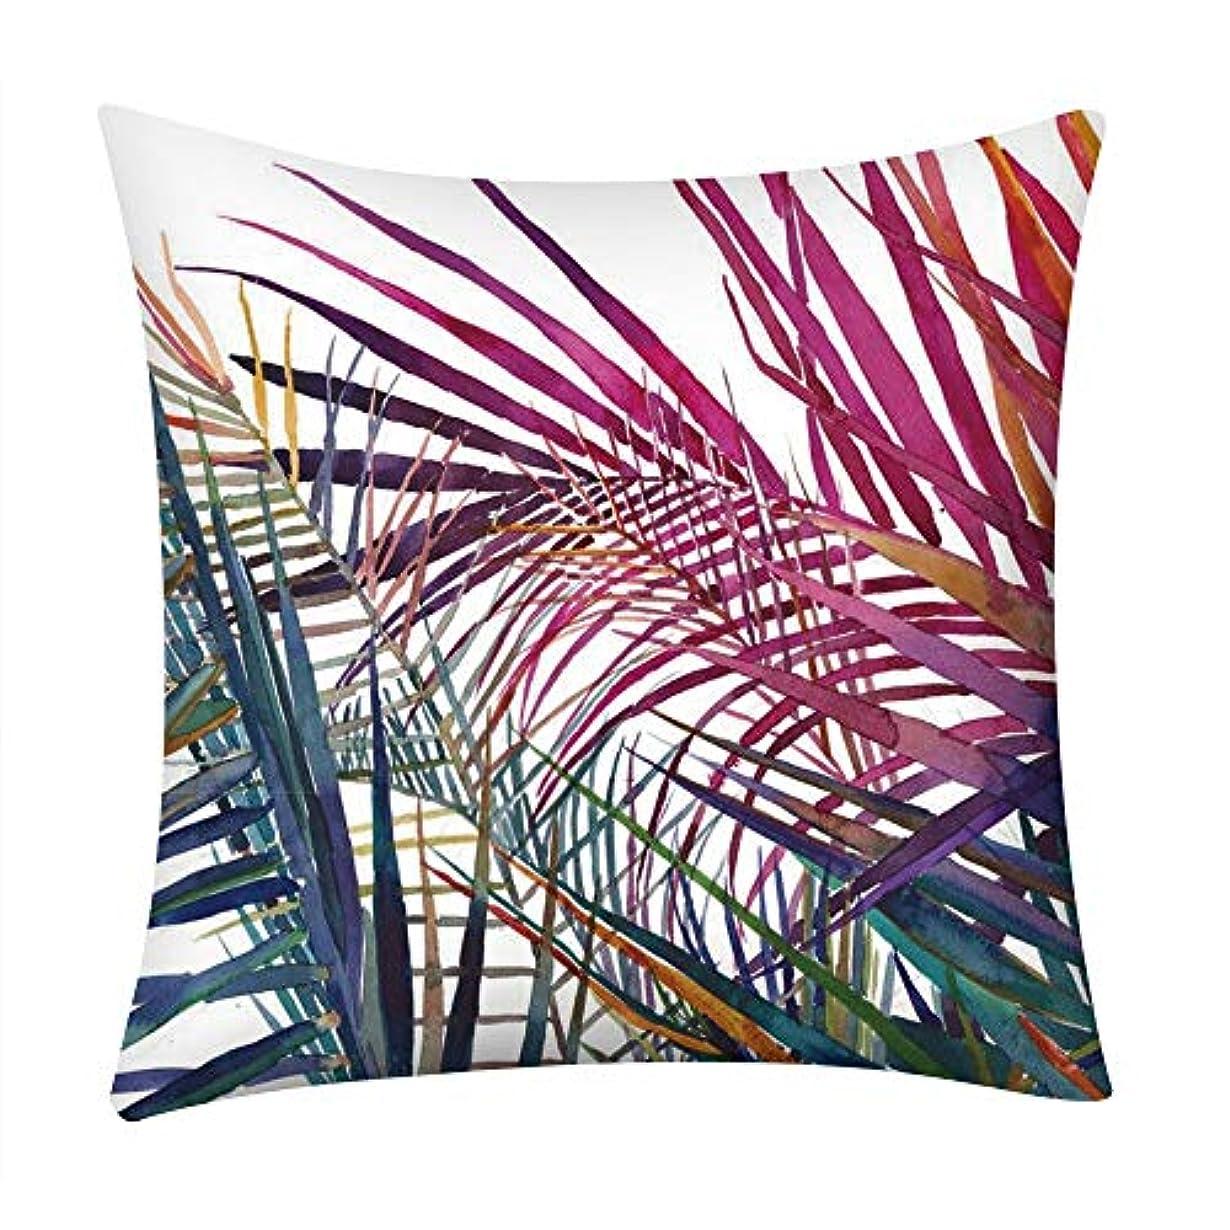 感嘆符重要な役割を果たす、中心的な手段となるニンニクLIFE Decorative ソファプリント枕コージー用ポリエステルソファ車のクッション枕家の装飾家の装飾 coussin decoratif クッション 椅子